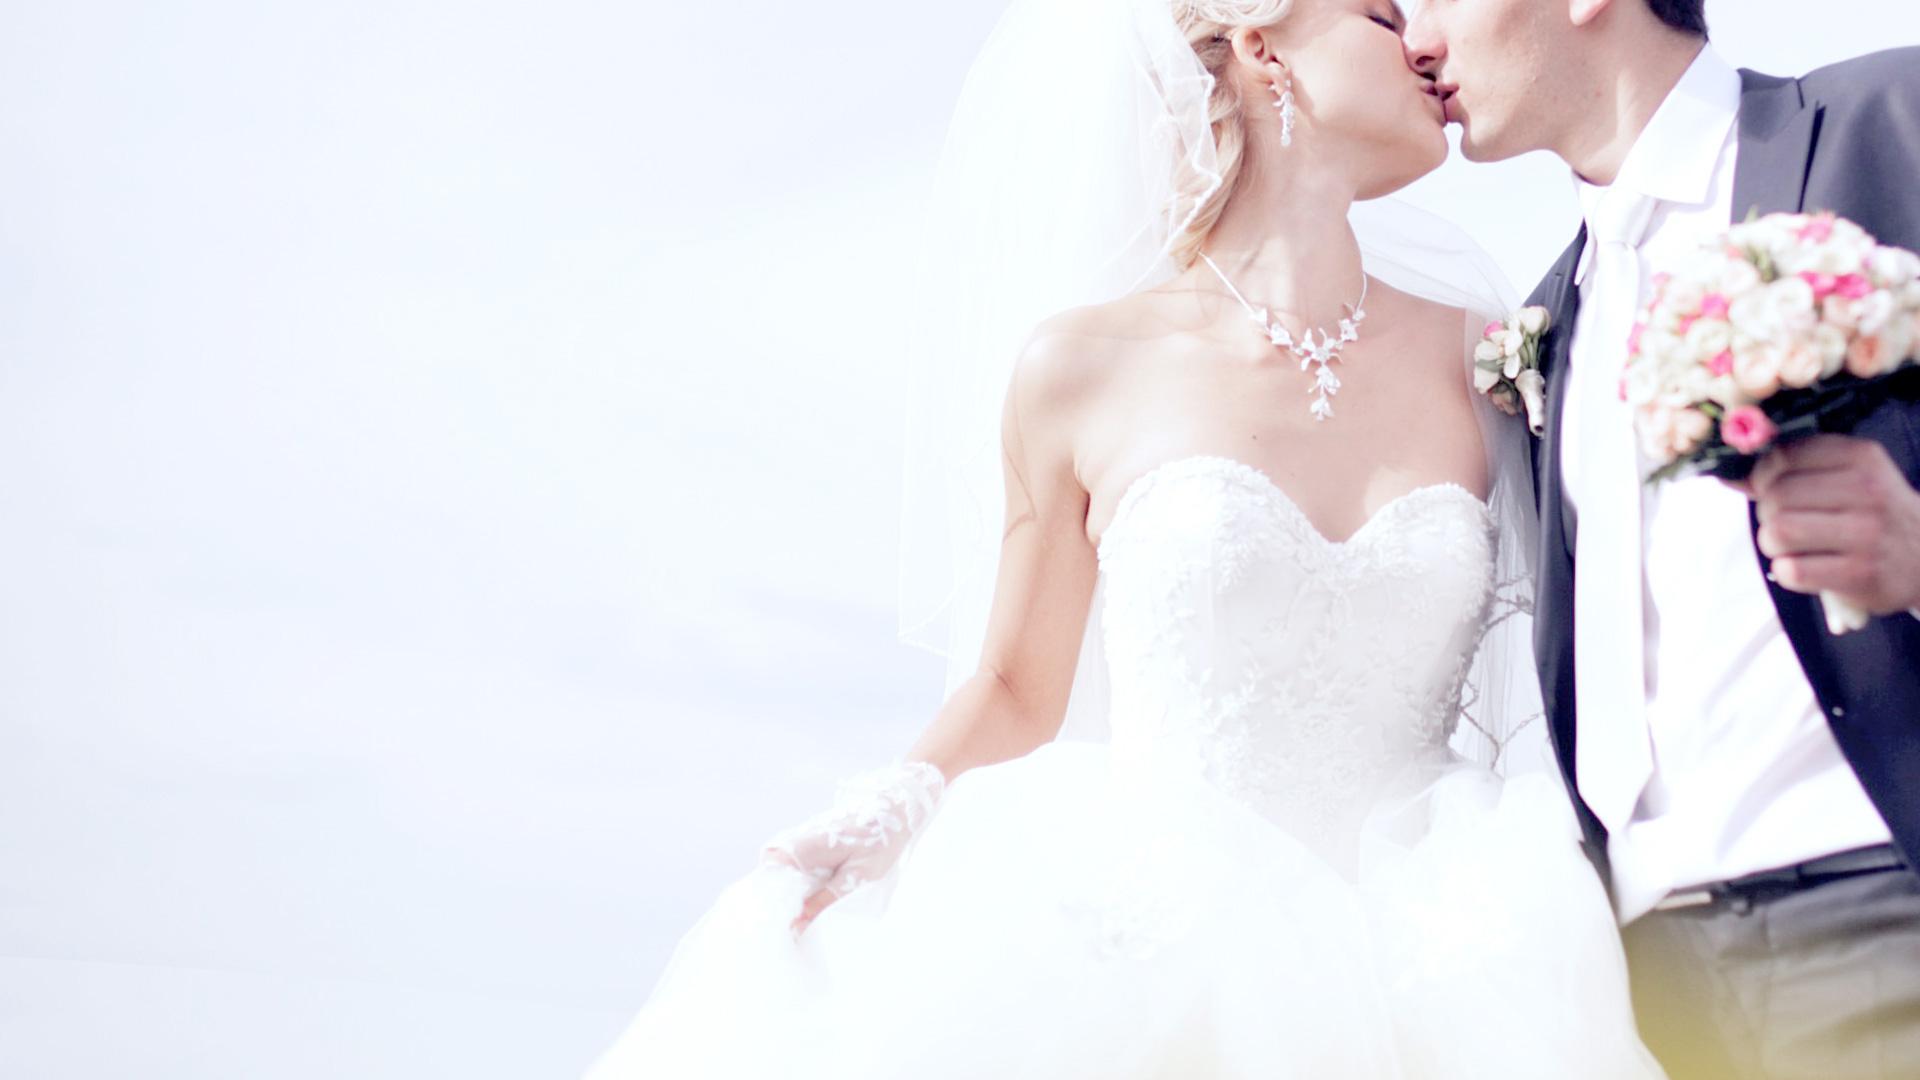 ブライダルのイメージ写真。ウエディングドレスの新婦のキスシーン